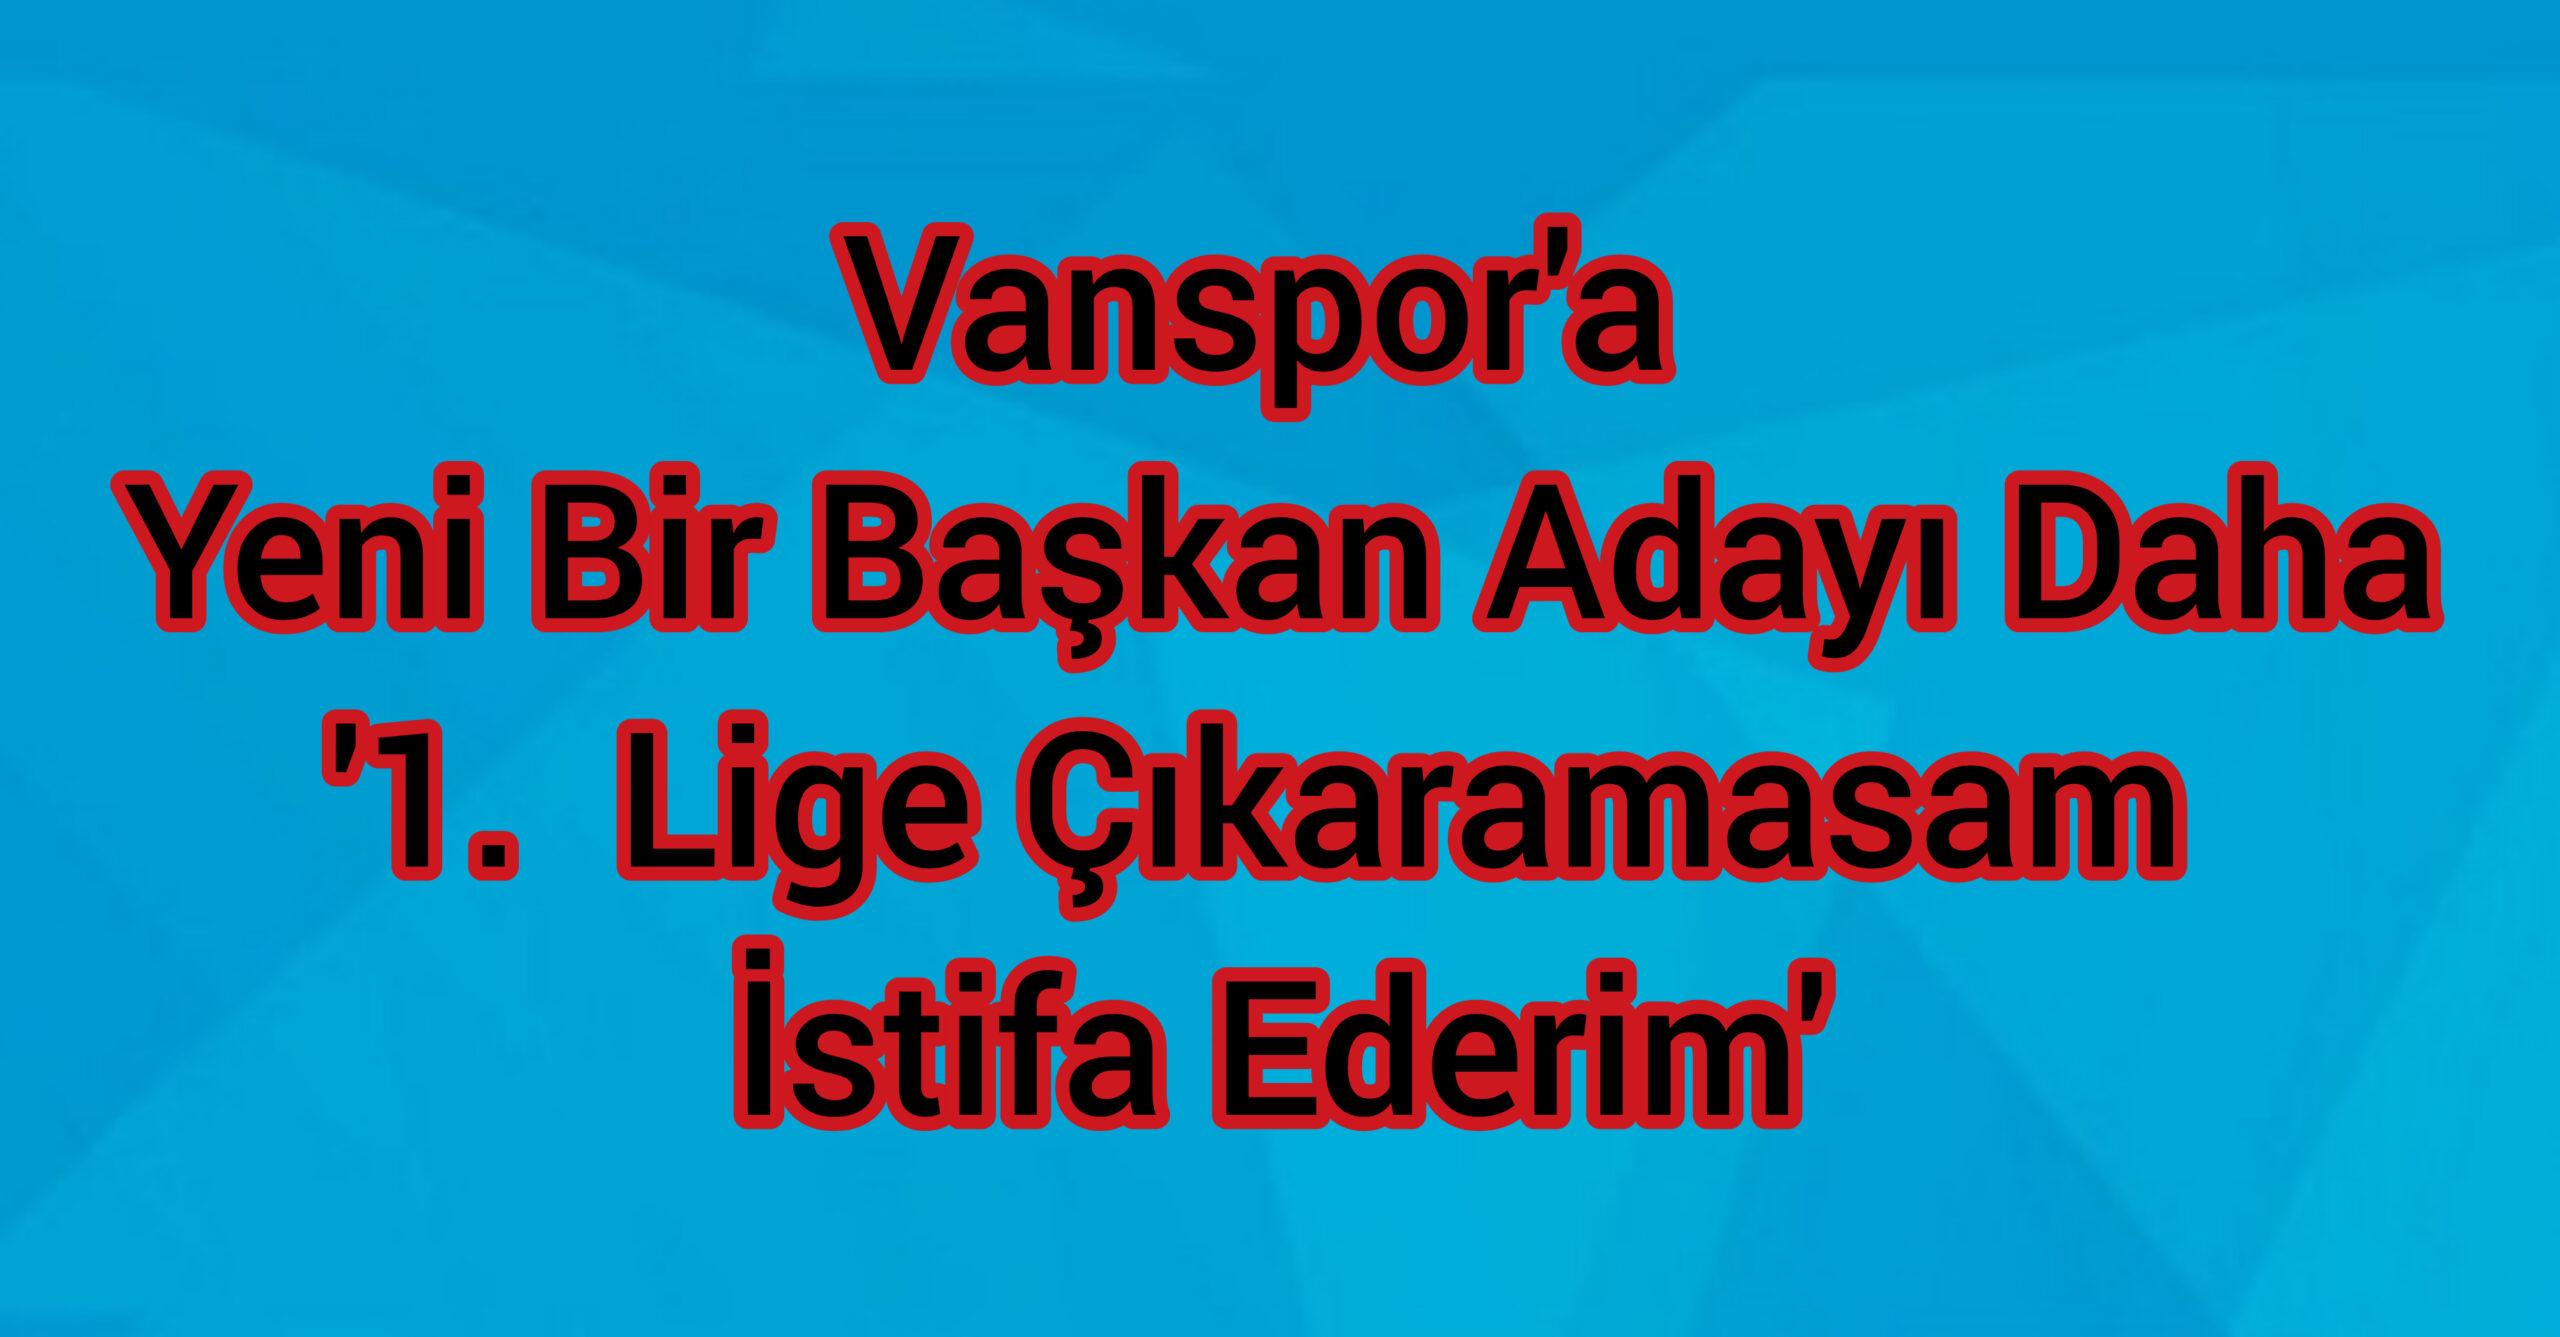 Vanspor'a Yeni Bir Başkan Adayı